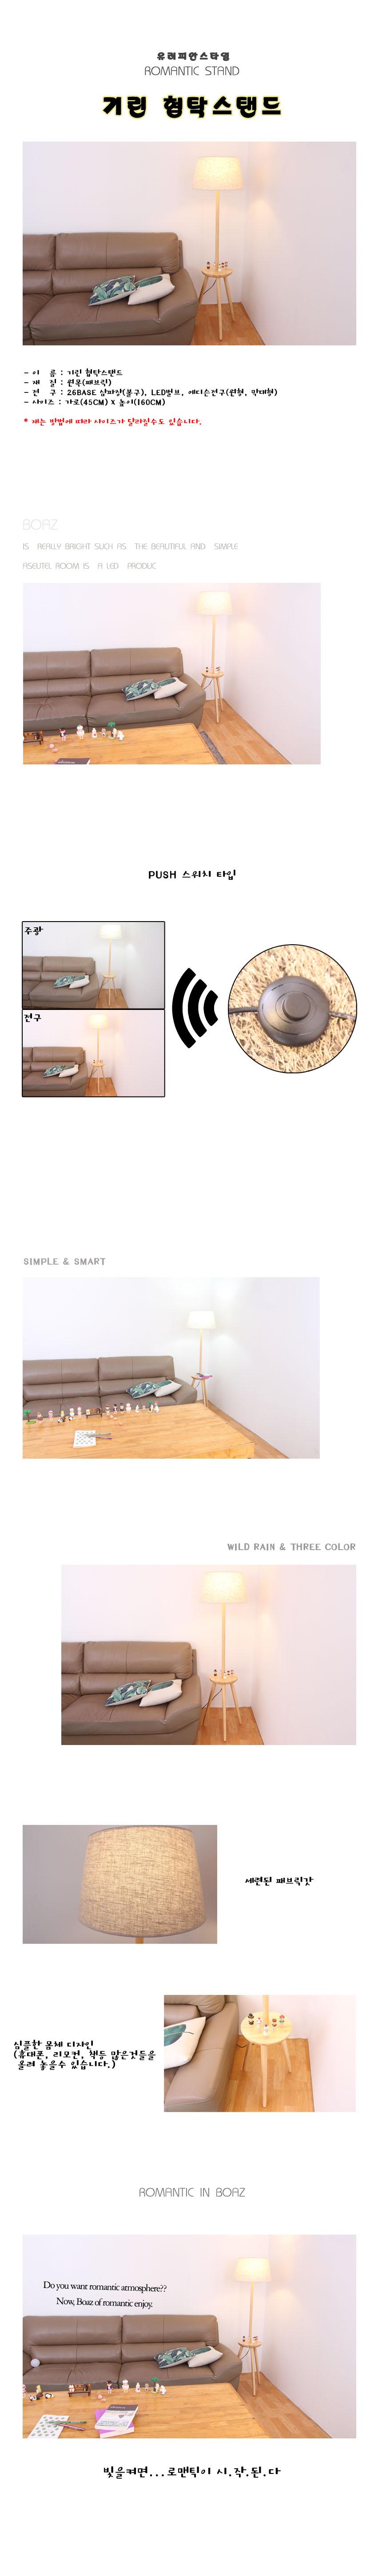 boaz 기린 협탁 장스탠드 LED 카페 인테리어 조명 - 보아스라이팅, 120,000원, 리빙조명, 플로어조명